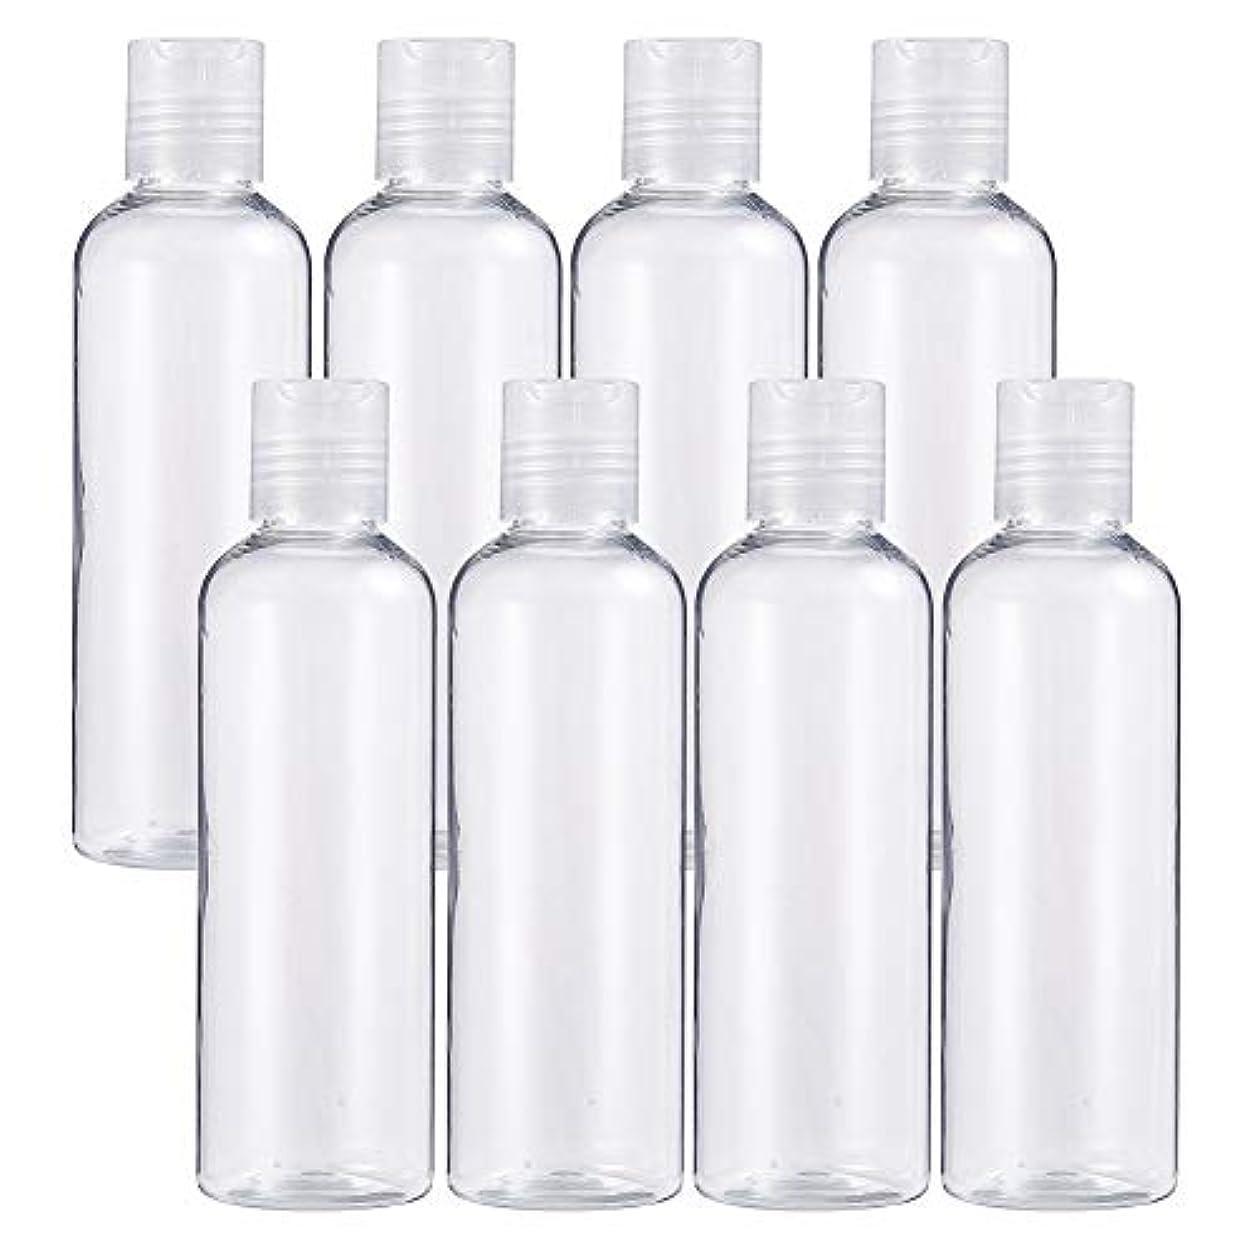 デザイナー直径周術期BENECREAT 8個プラスチックプレスキャップ 小分けボトル プラスチック容器 液体用空ボトル 押し式詰替用ボトル 詰め替え シャンプー クリーム 化粧品 収納瓶 (プレスキャンプボトル, 200mlプレスキャンプボトル)